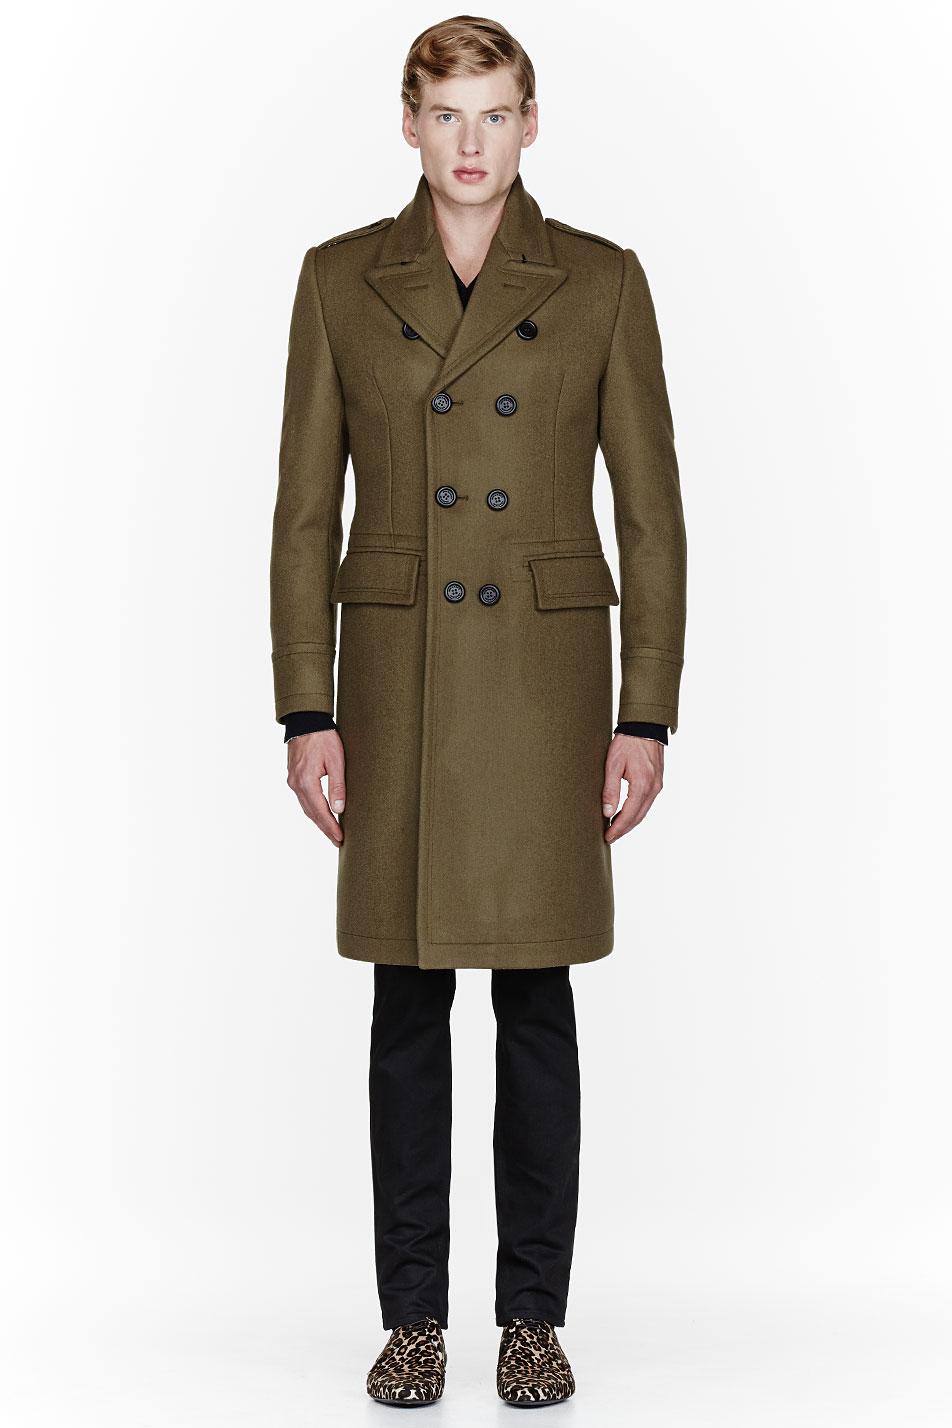 Men's olive wool coat